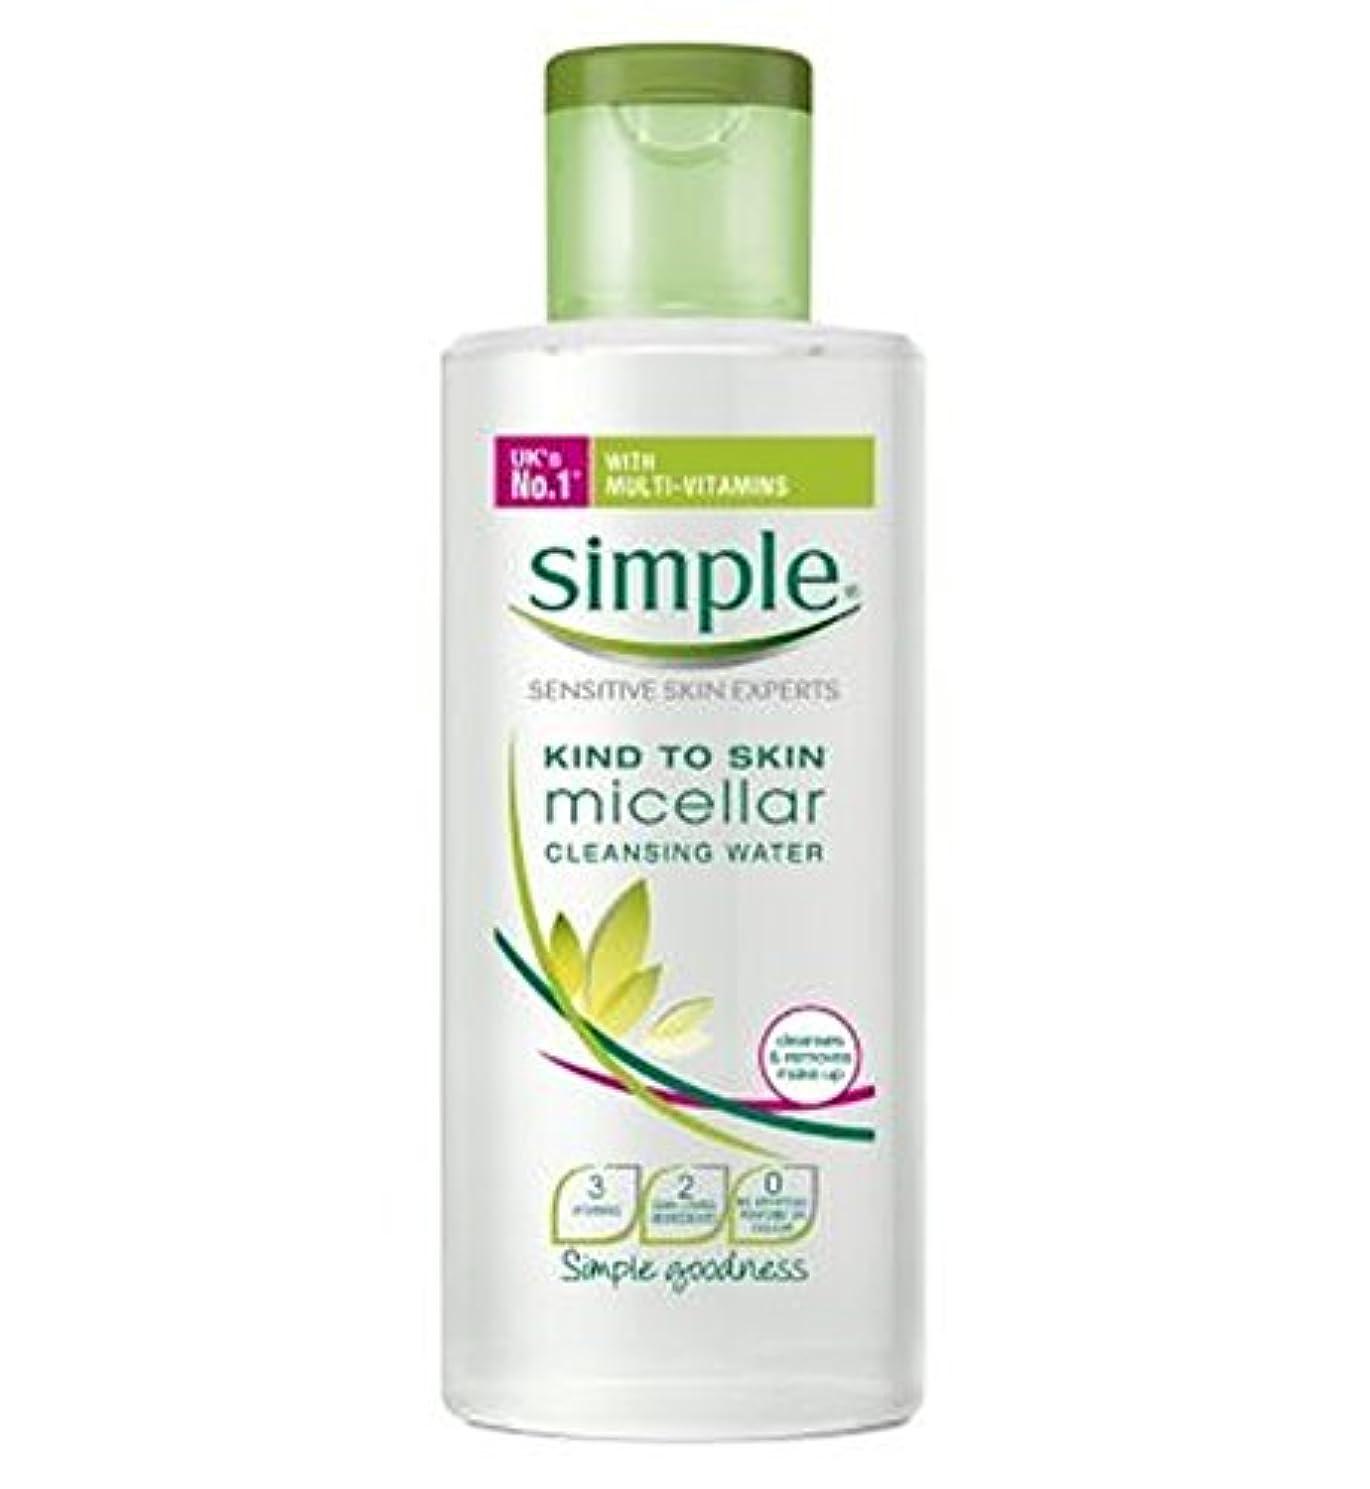 引き出すひらめき聞くSimple Kind To Skin Micellar Cleansing Water 200ml - 皮膚ミセル洗浄水200ミリリットルに簡単な種類 (Simple) [並行輸入品]